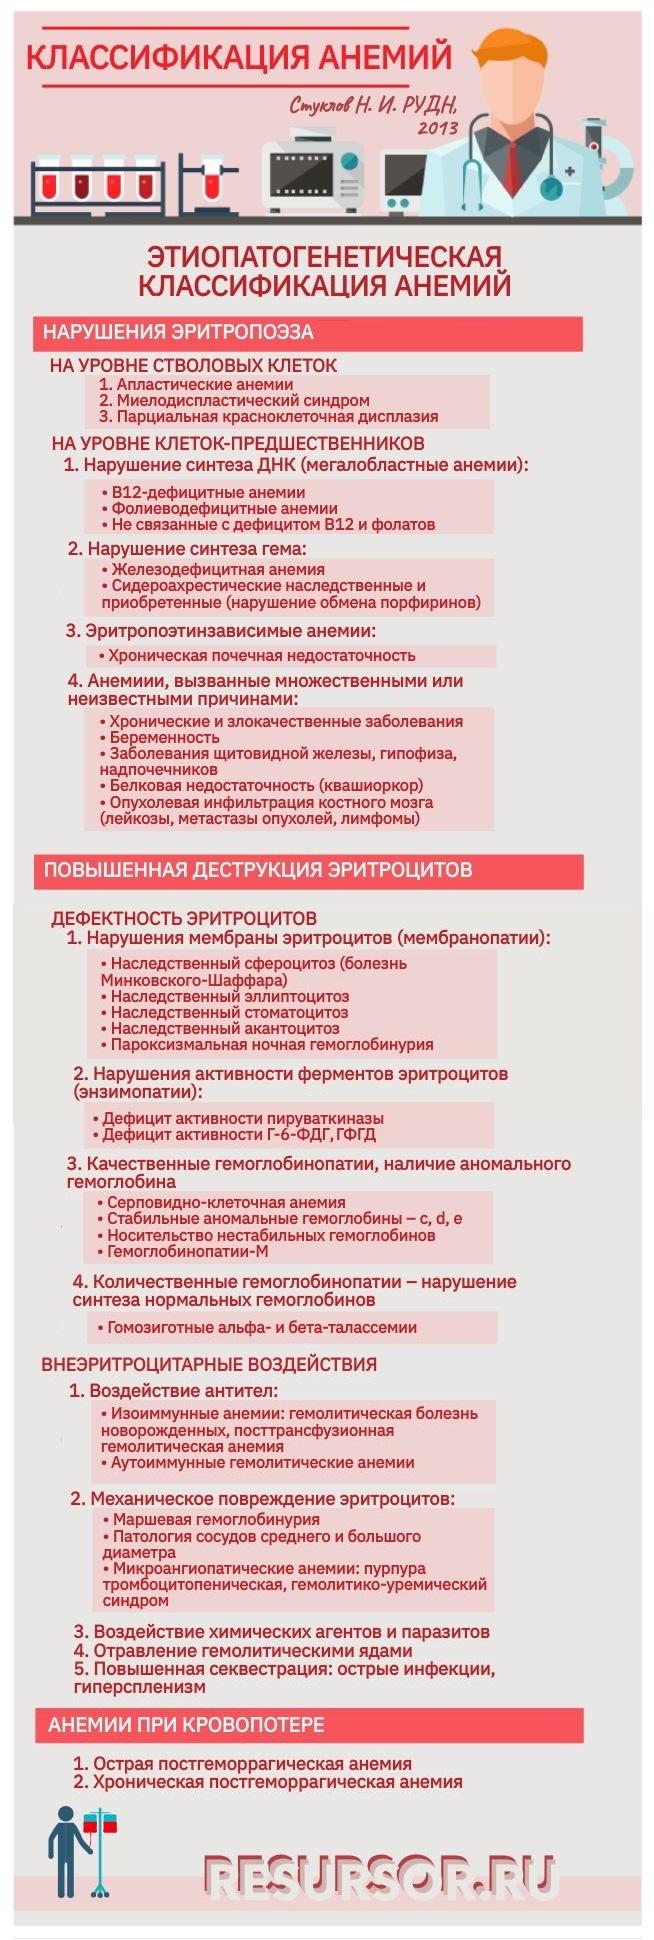 Таблица этиопатогенетической классификацией анемий по Стуклову Н. И., медицинская энциклопедия РЕСУРСОР